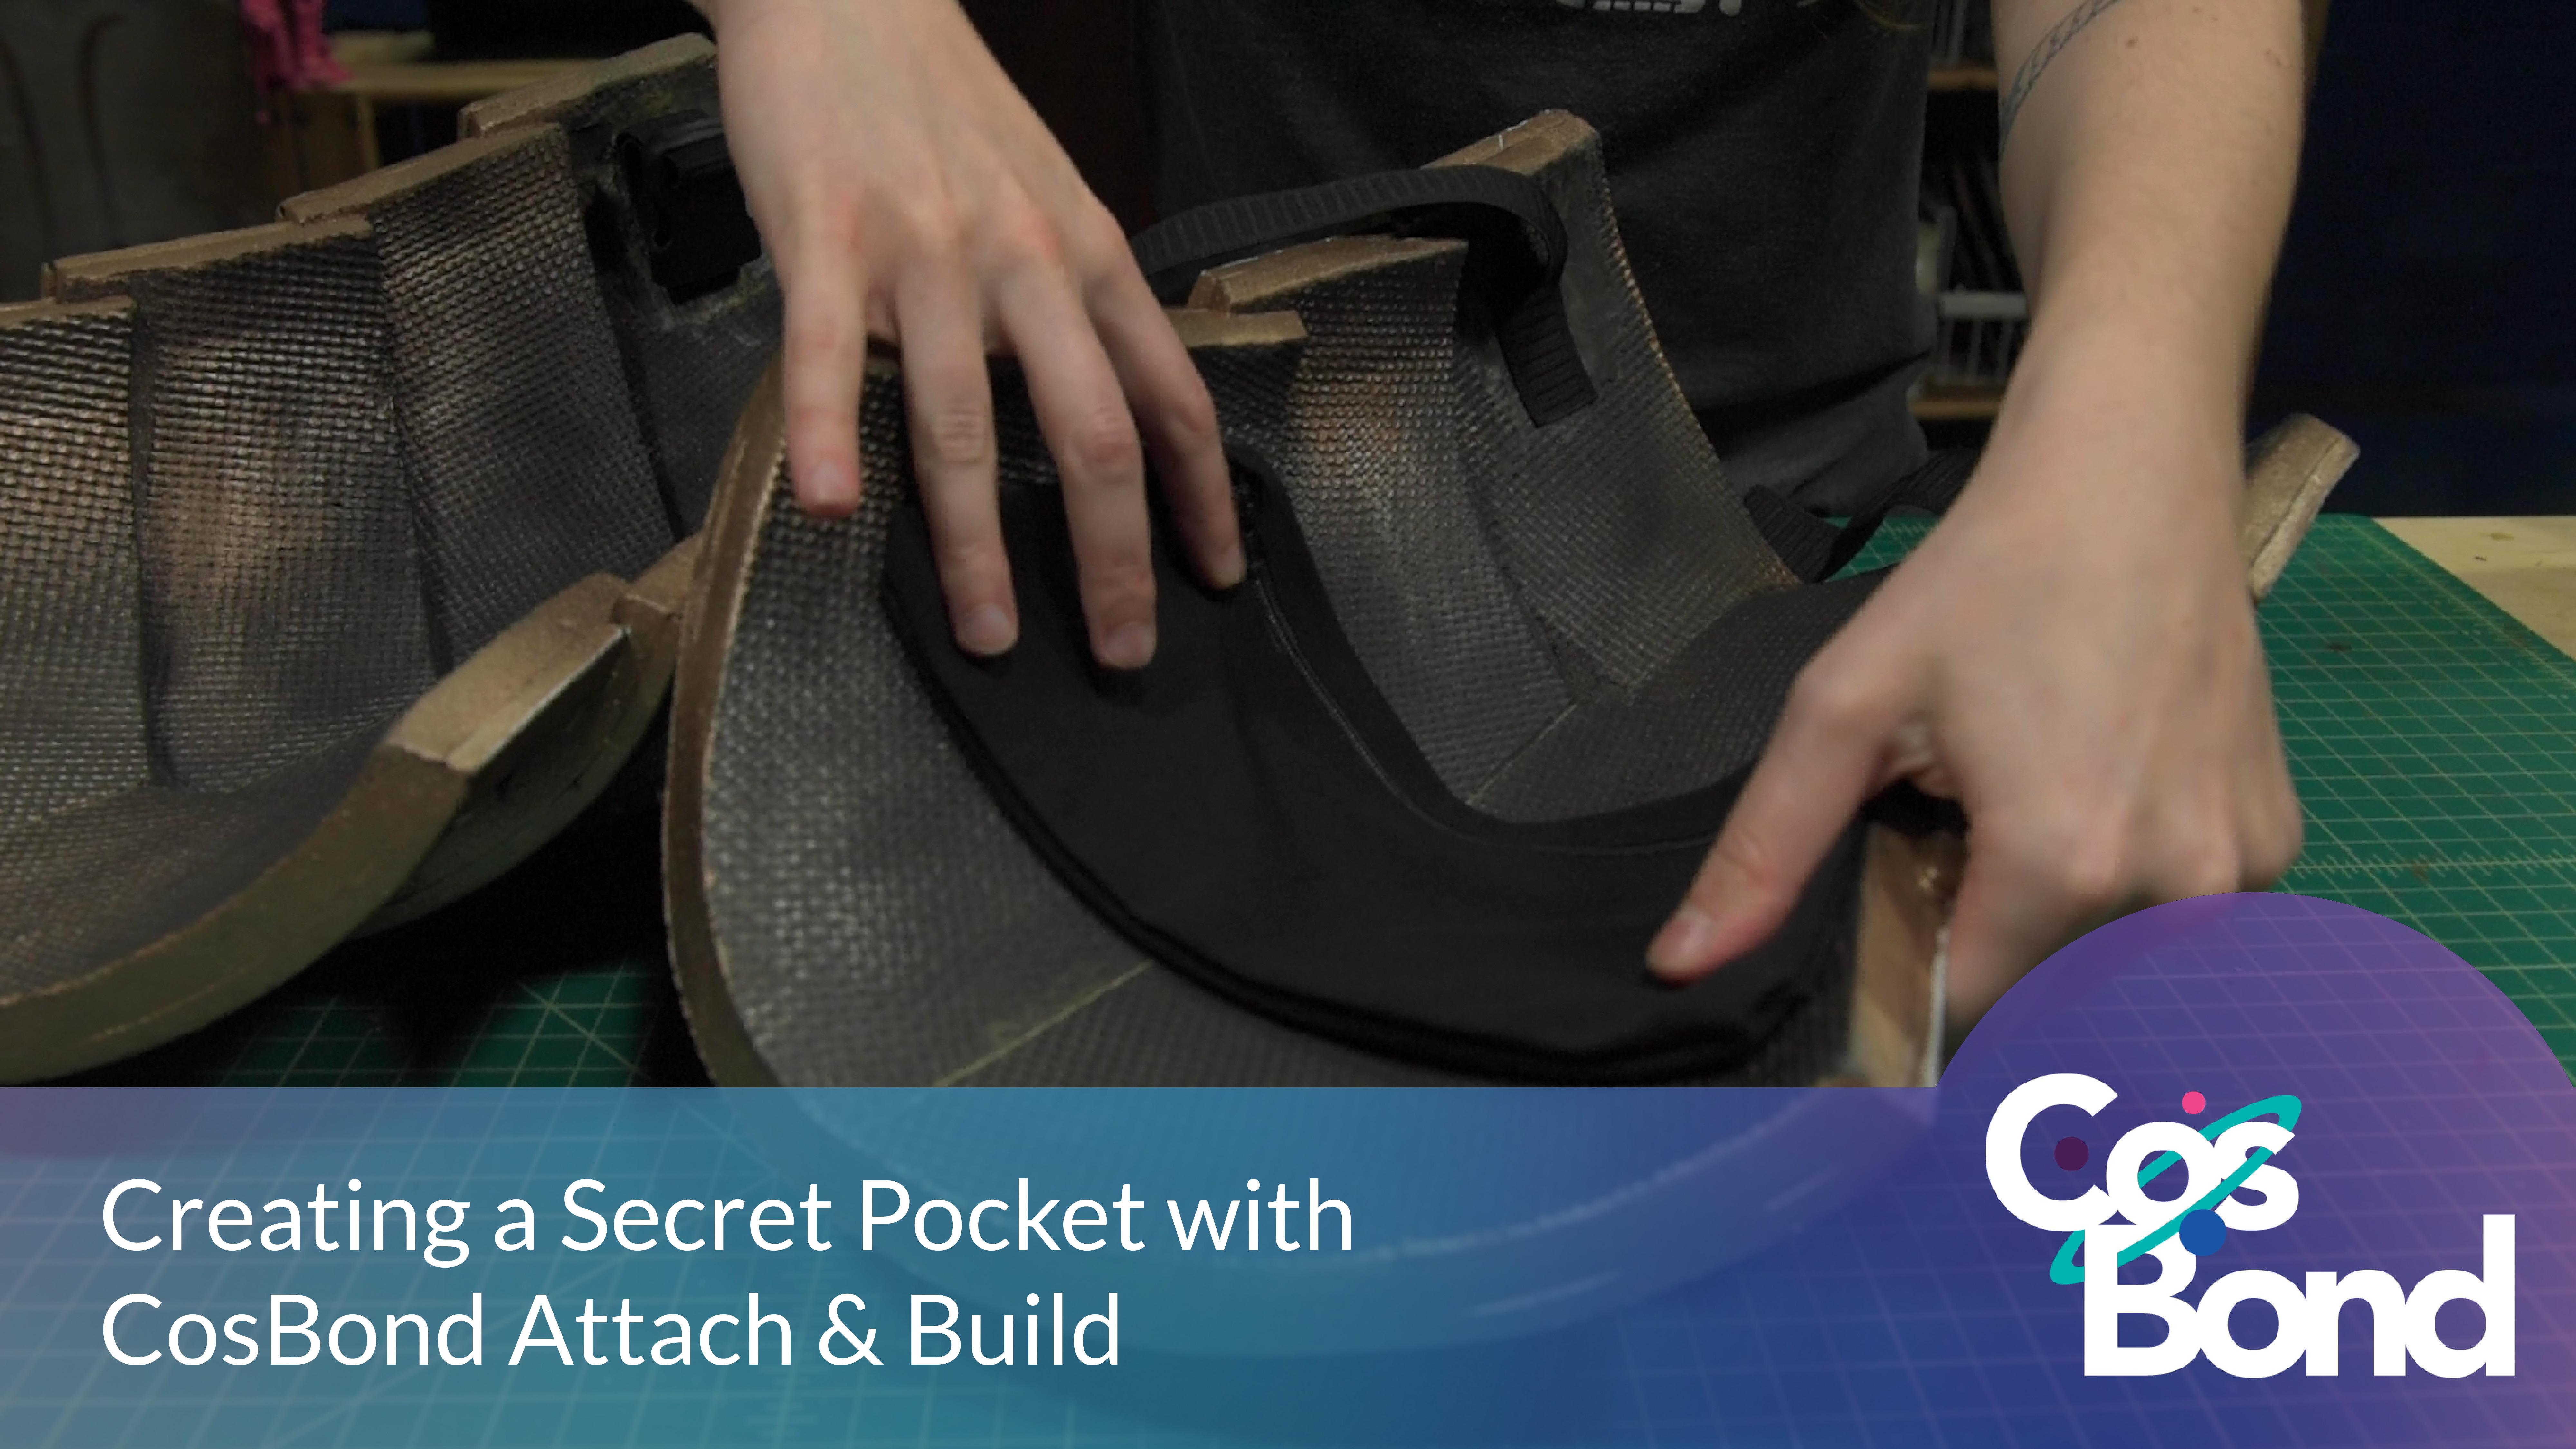 Cosbond Pocket Video 19